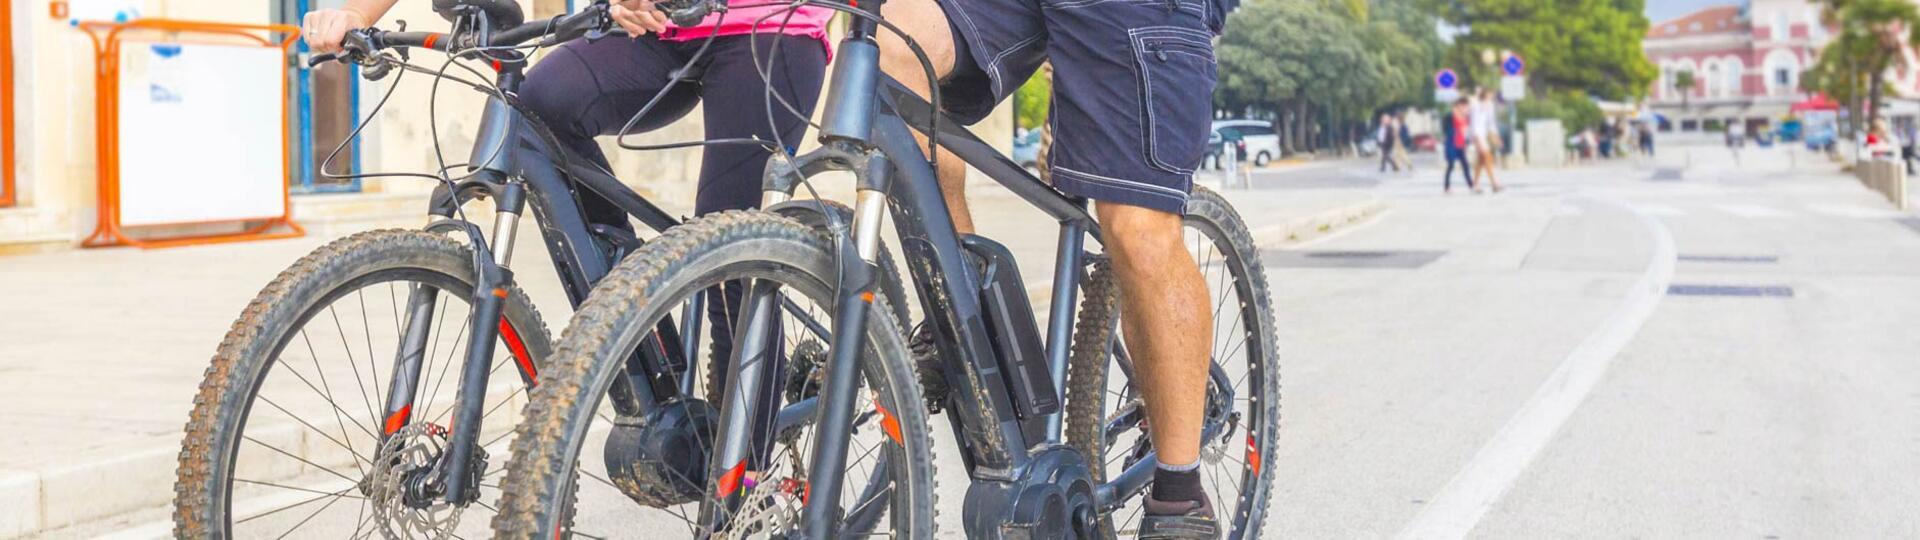 cycling.oxygenhotel en e-bikes-in-rimini 012